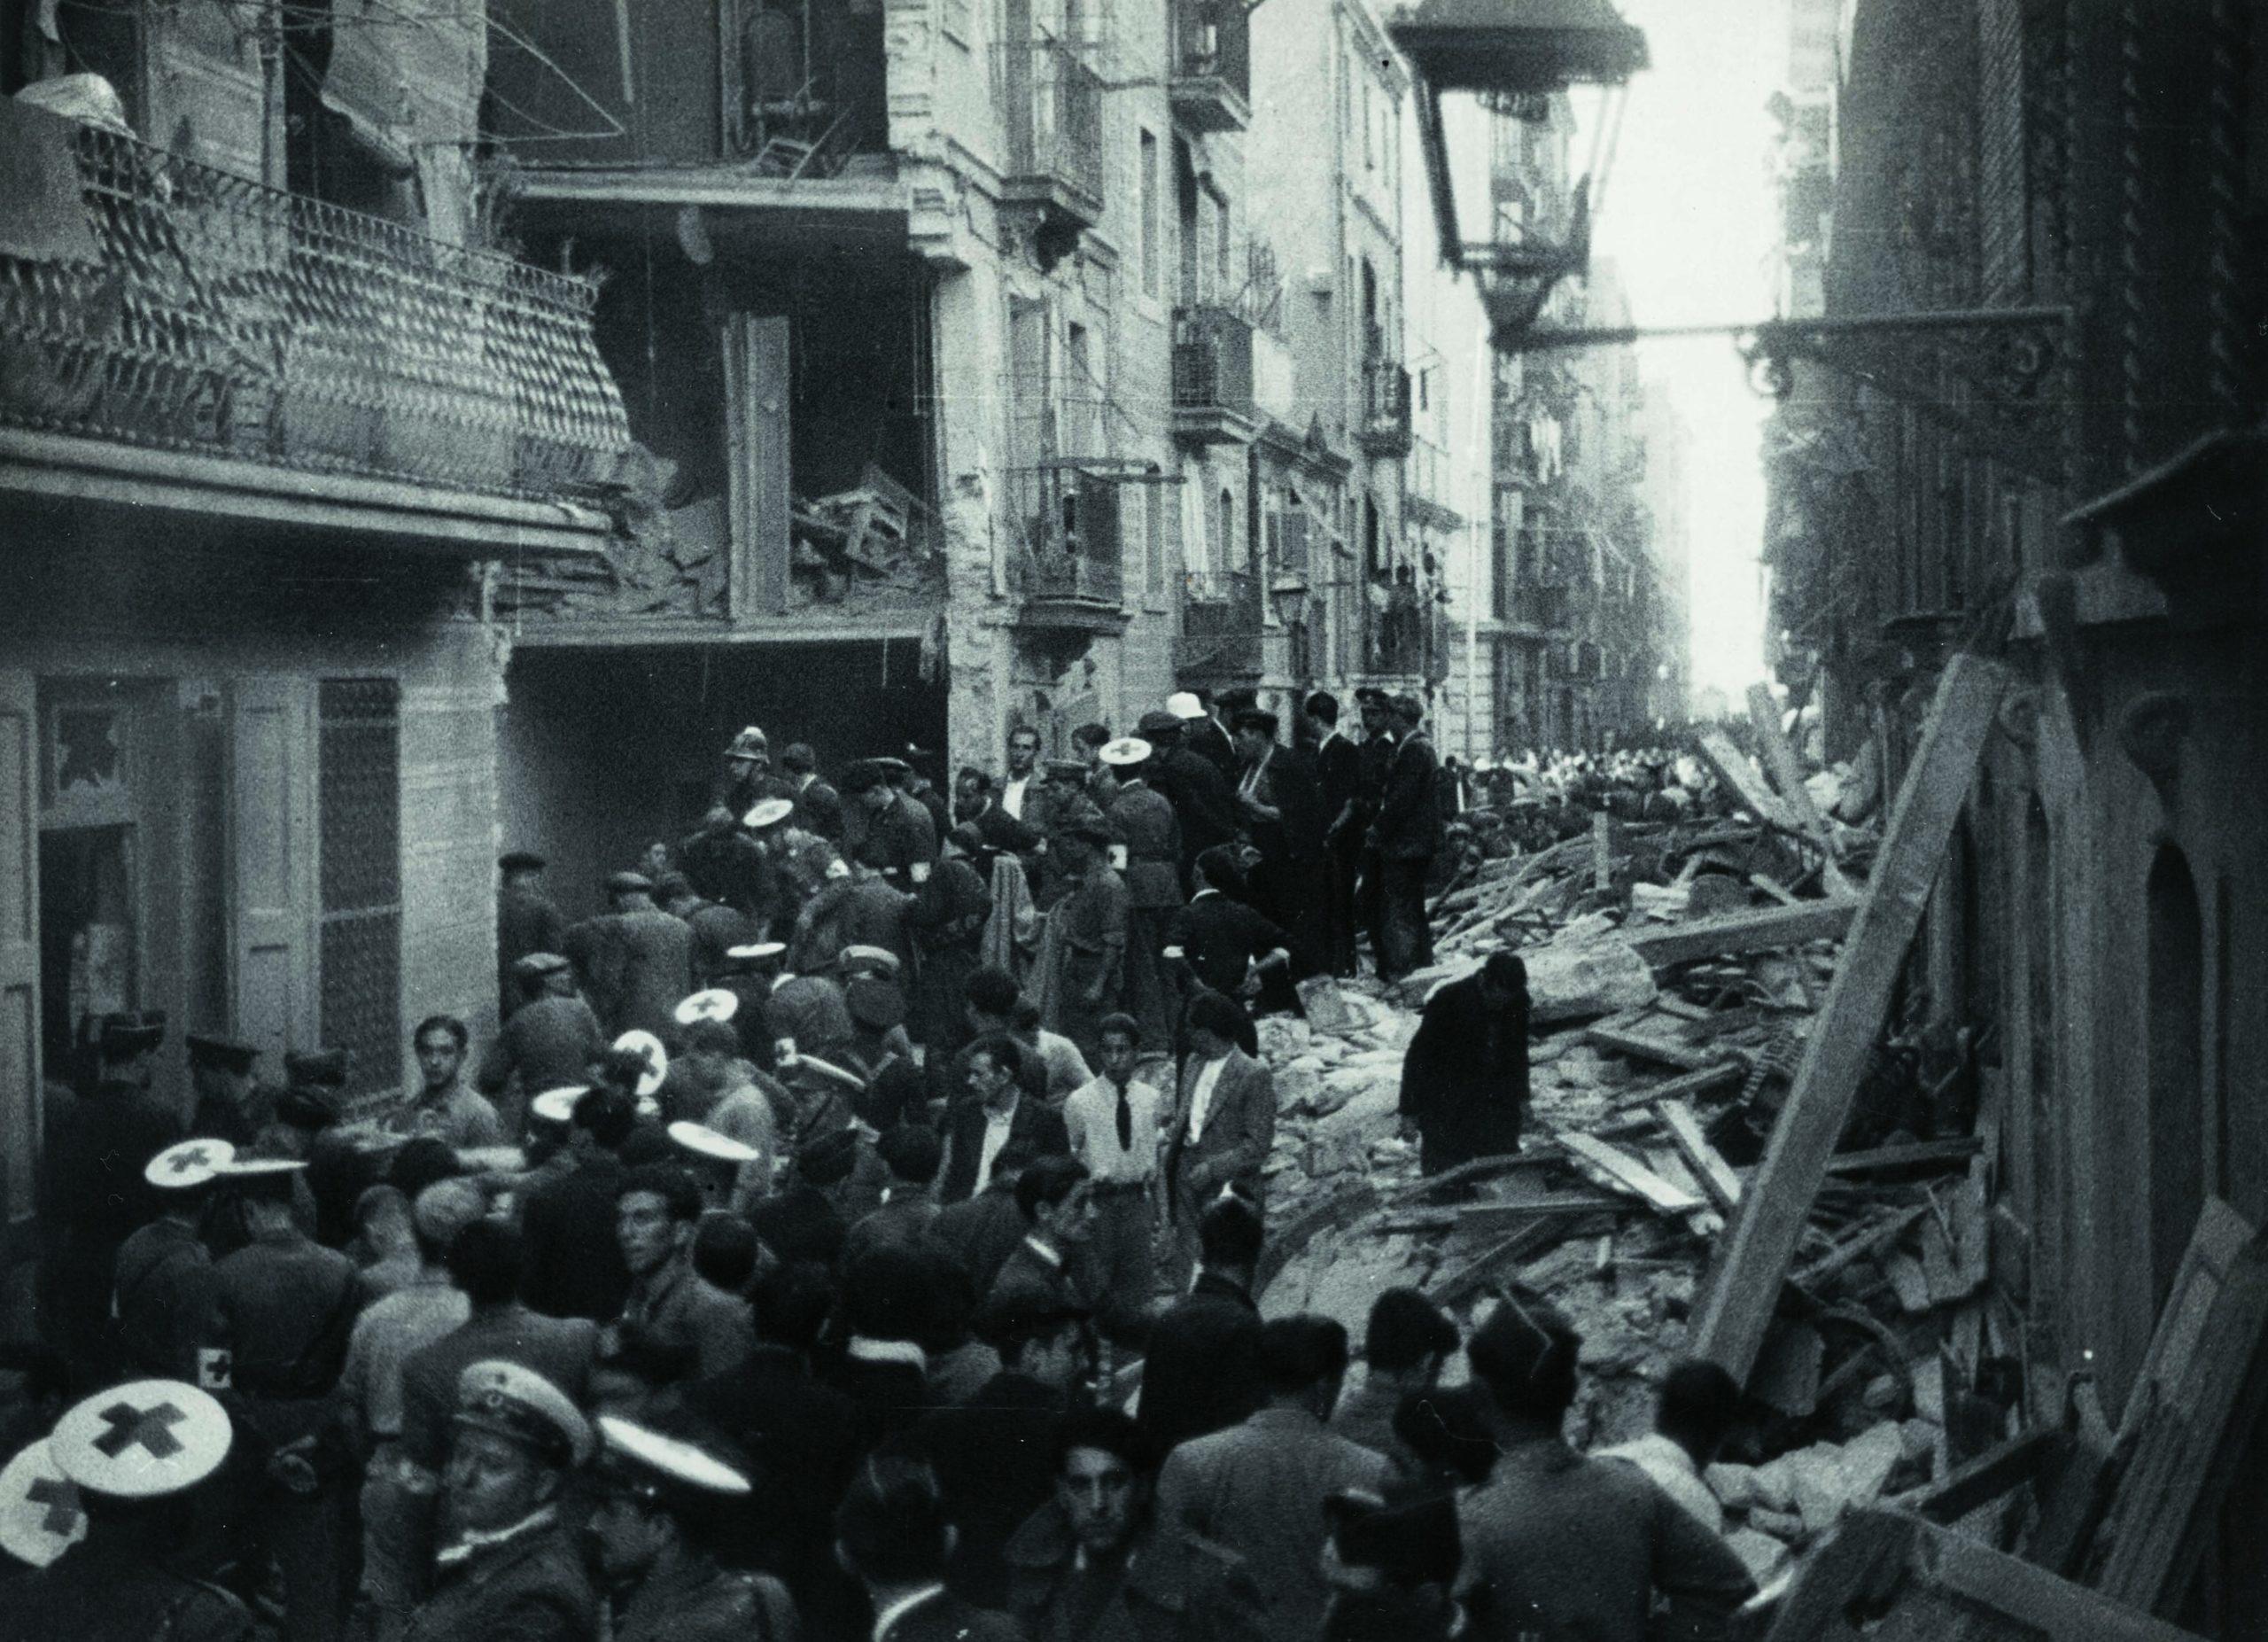 Bombers de Barcelona en tasques de desenrunament en el bombardeig del 29/05/1937